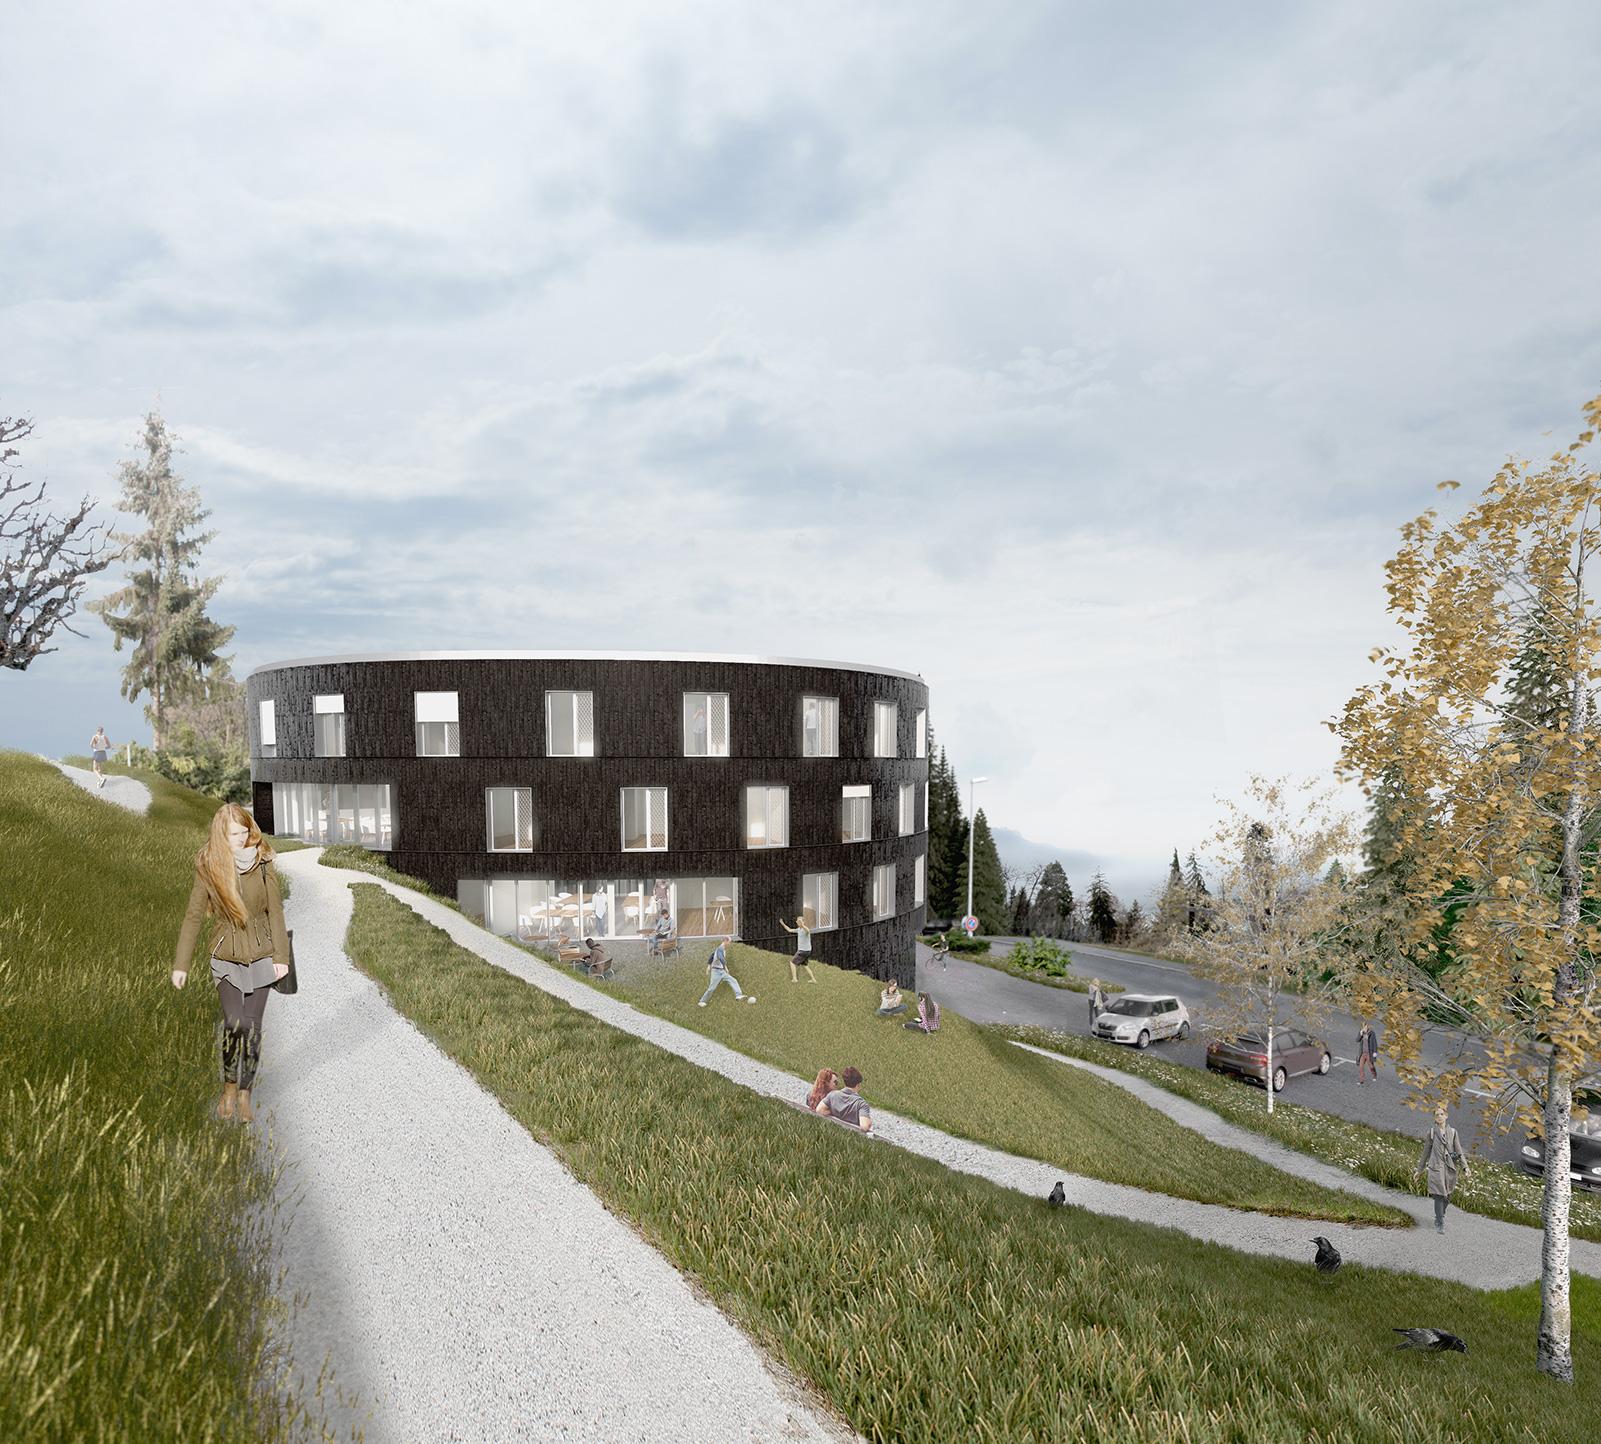 vue 3D d'un bâtriment médico-social avec façades arrondies en bardage en bois brûlé